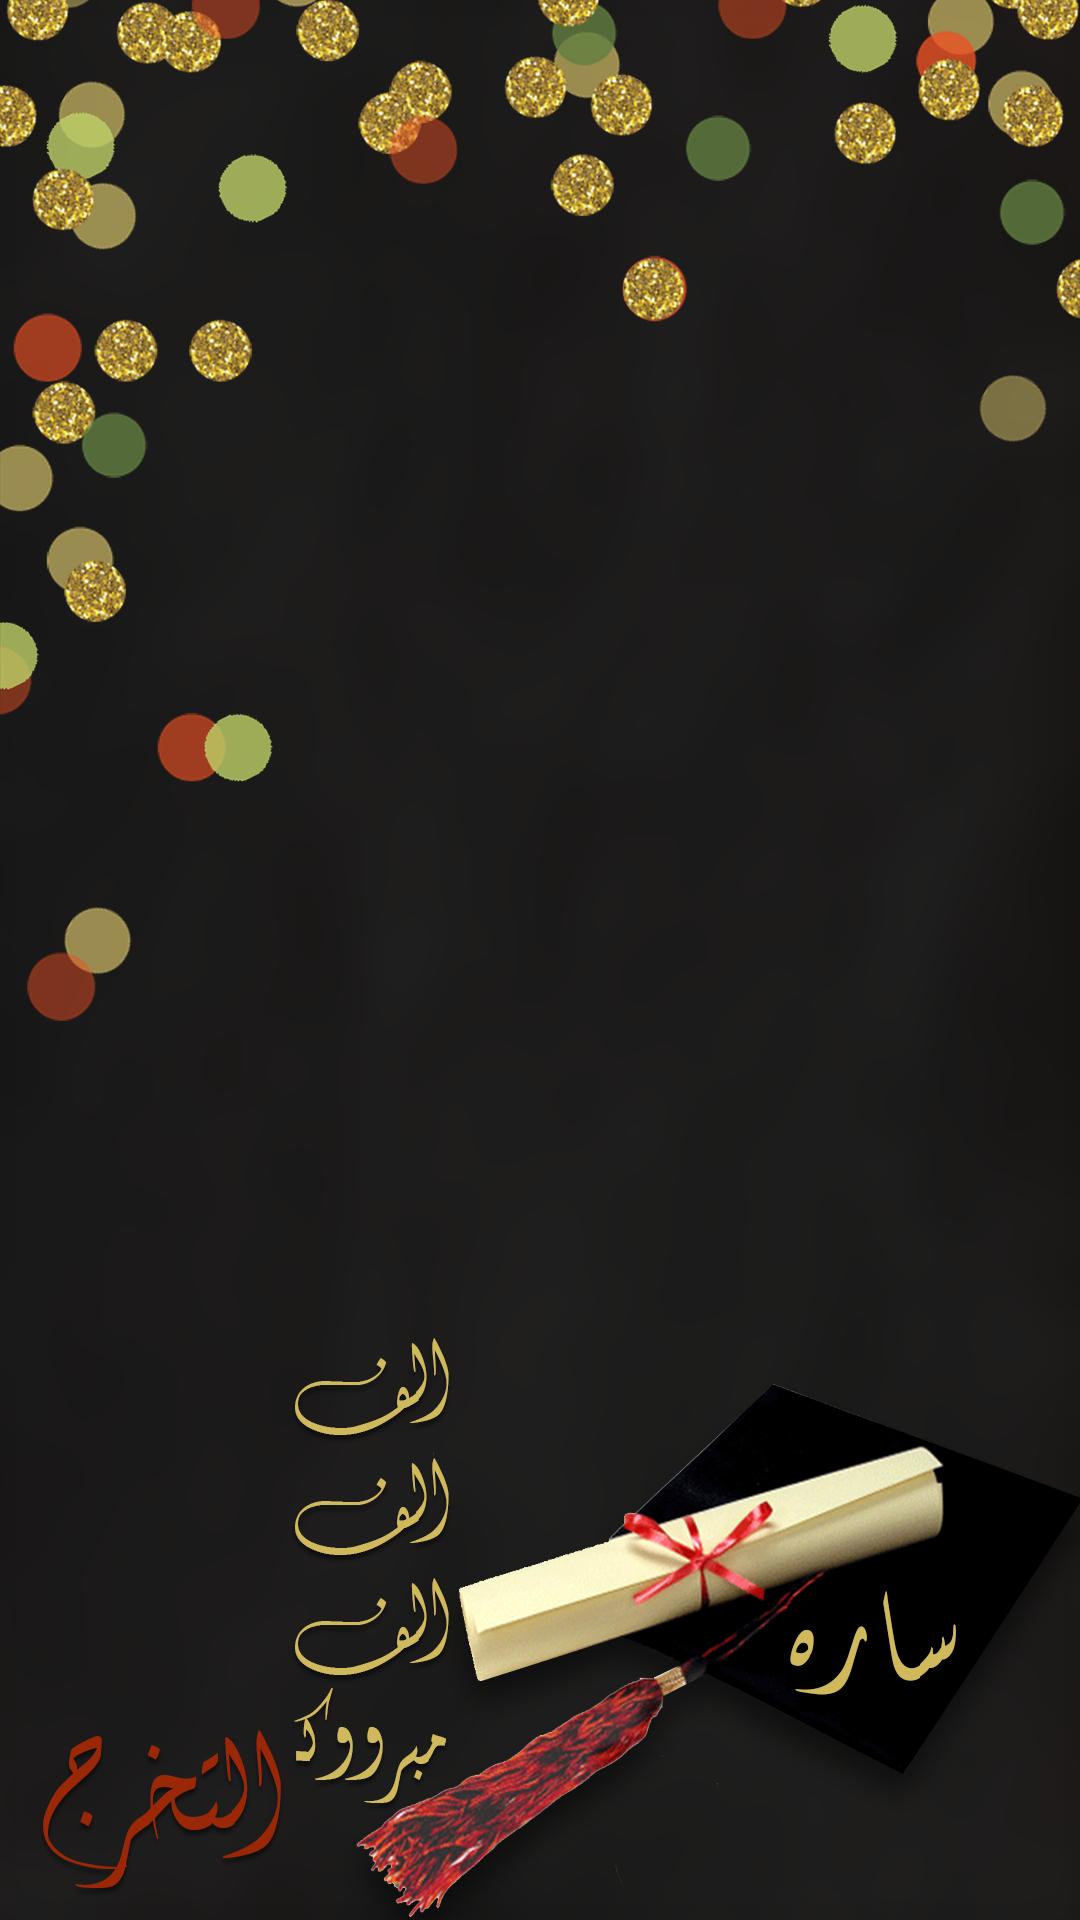 فلتر تخرج احترافي لعام 2018 لتصميم فلاتر سناب شات فلتر